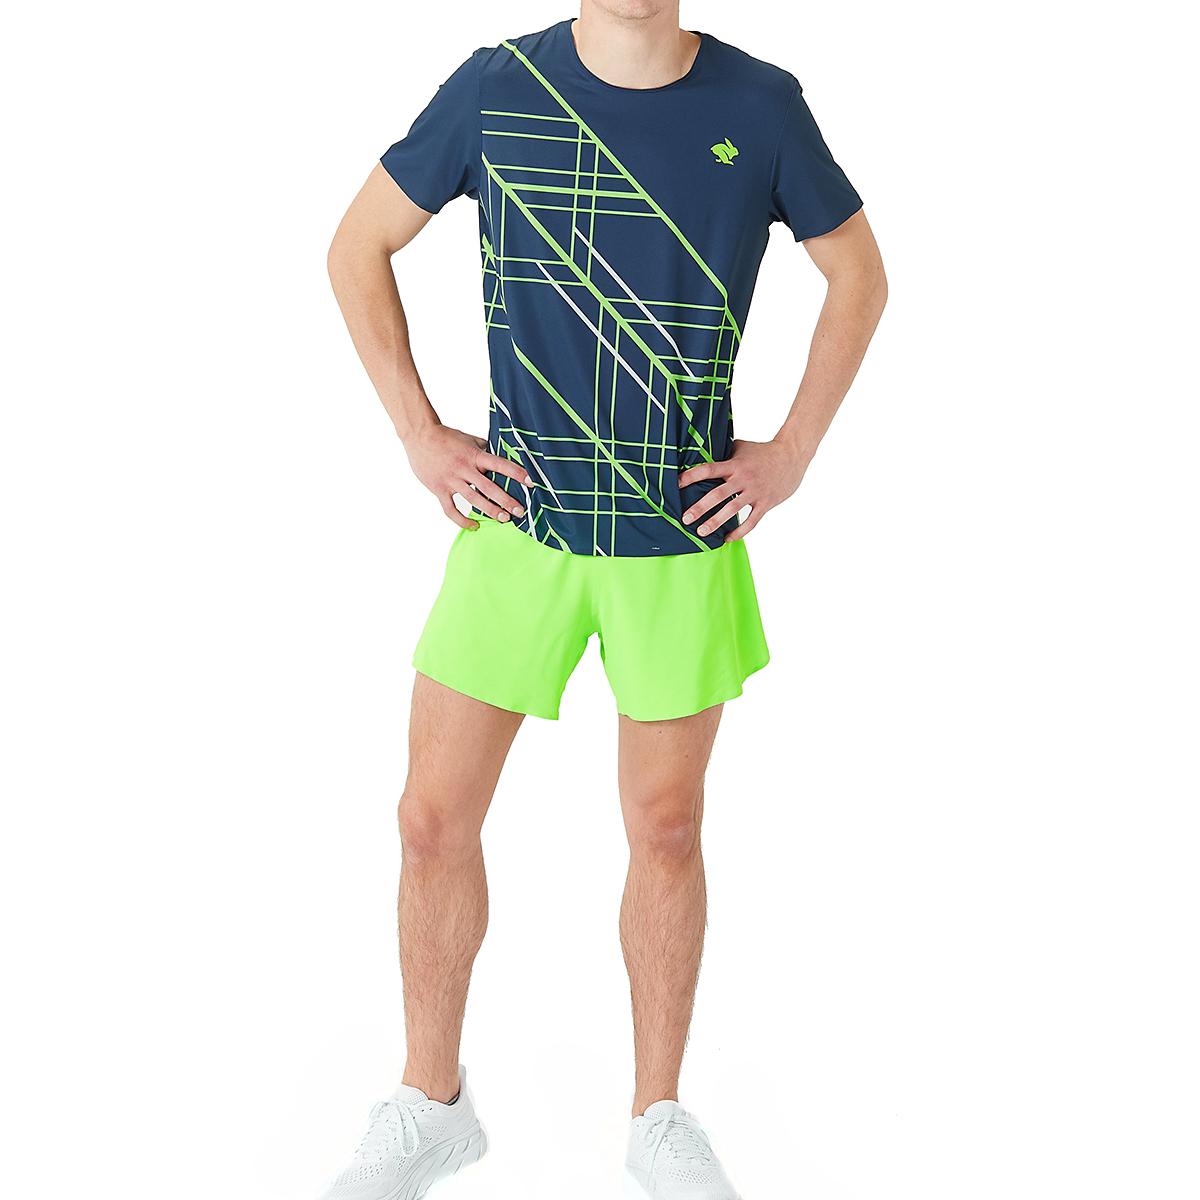 Men's Rabbit Runtee Short Sleeve - Color: Dress Blues/Green Gecko - Size: XL, Dress Blues/Green Gecko, large, image 3